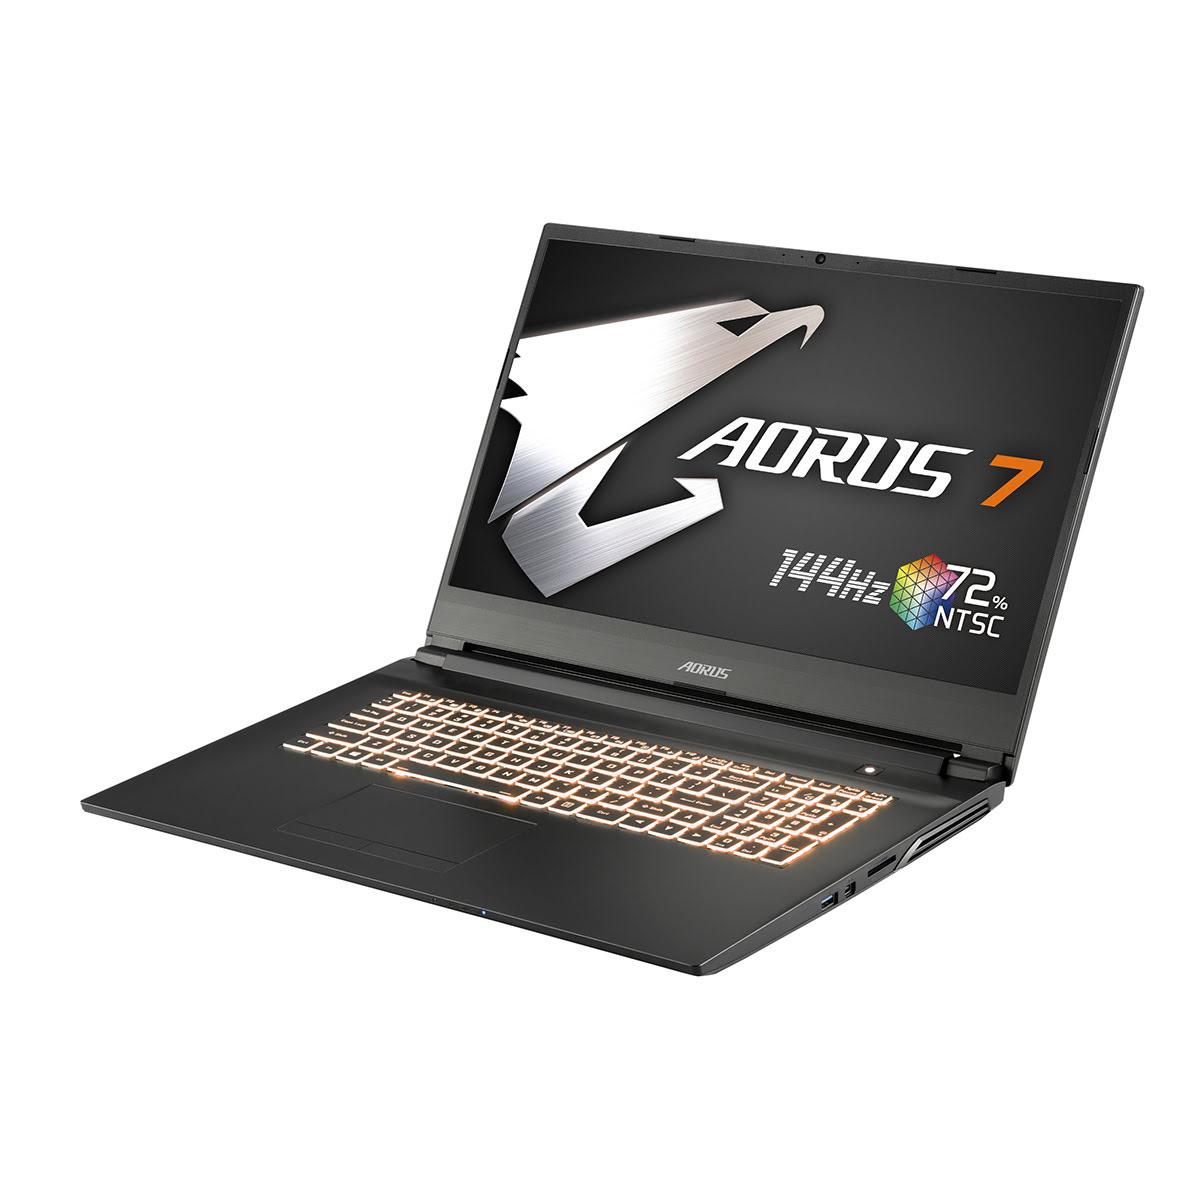 Gigabyte AORUS 7 SA-7FR1130SH - PC portable Gigabyte - Cybertek.fr - 4